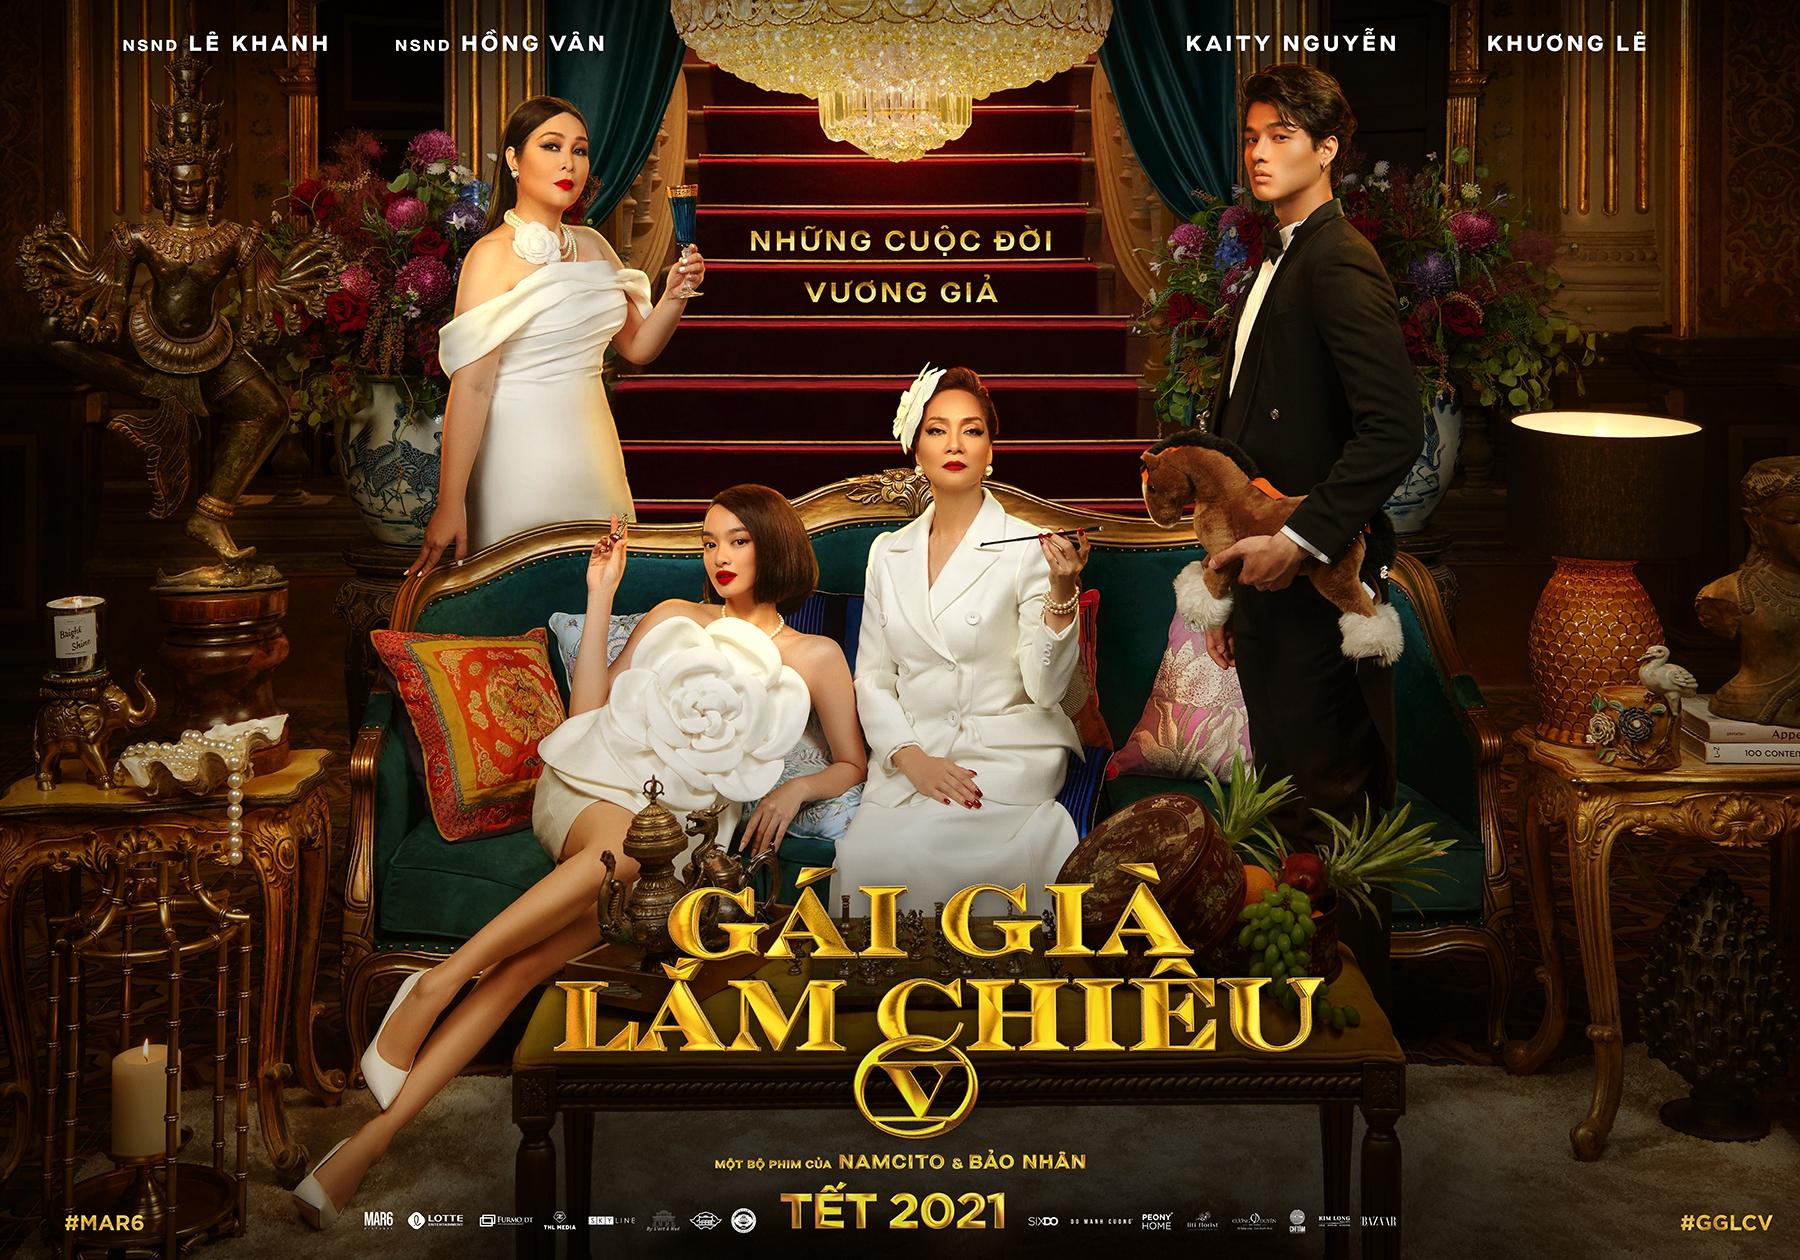 Ekip Gái Già Lắm Chiêu V hủy gấp buổi premiere Hà Nội trước diễn biến mới của dịch SARS-CoV-2 - Ảnh 5.